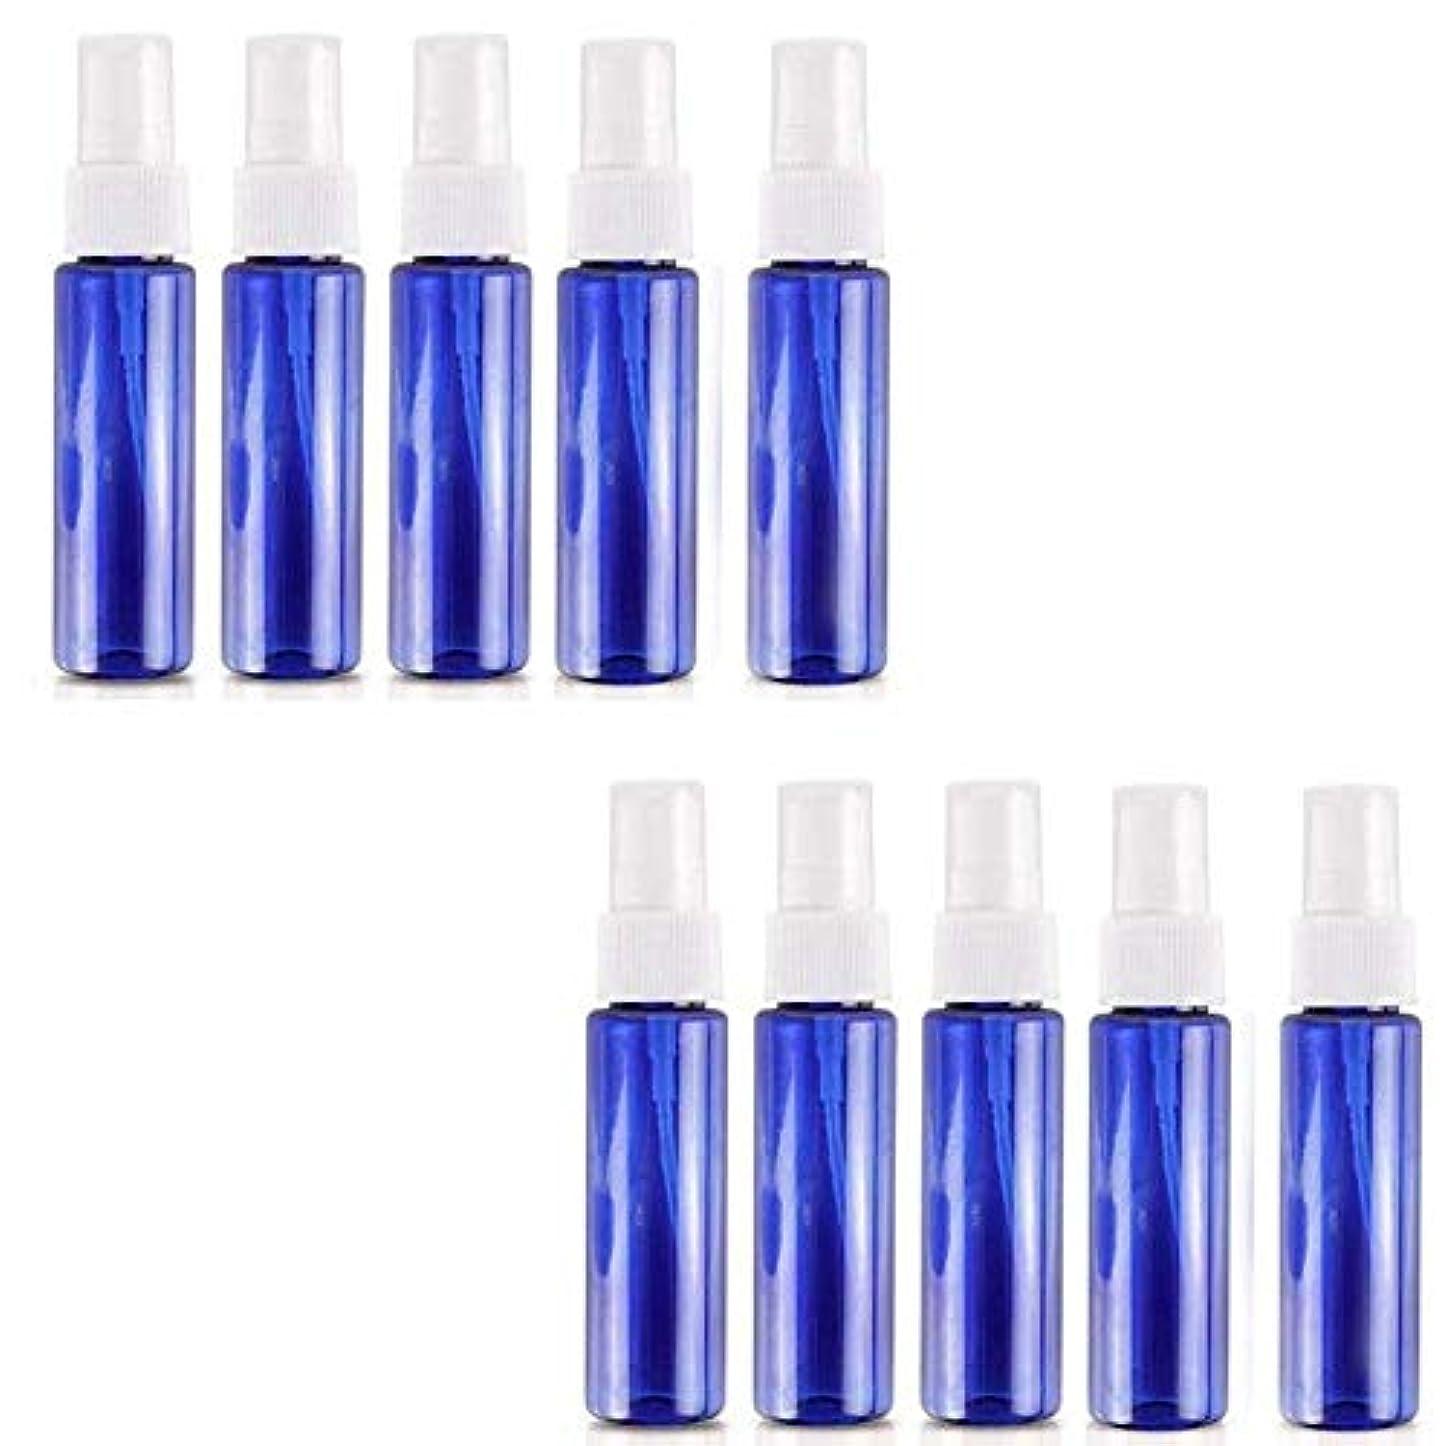 対称マキシムいつかLindexs スプレー容器 スプレーボトル30ML 遮光瓶スプレー アロマ虫除けスプレー プラスチック製 10本 30ML